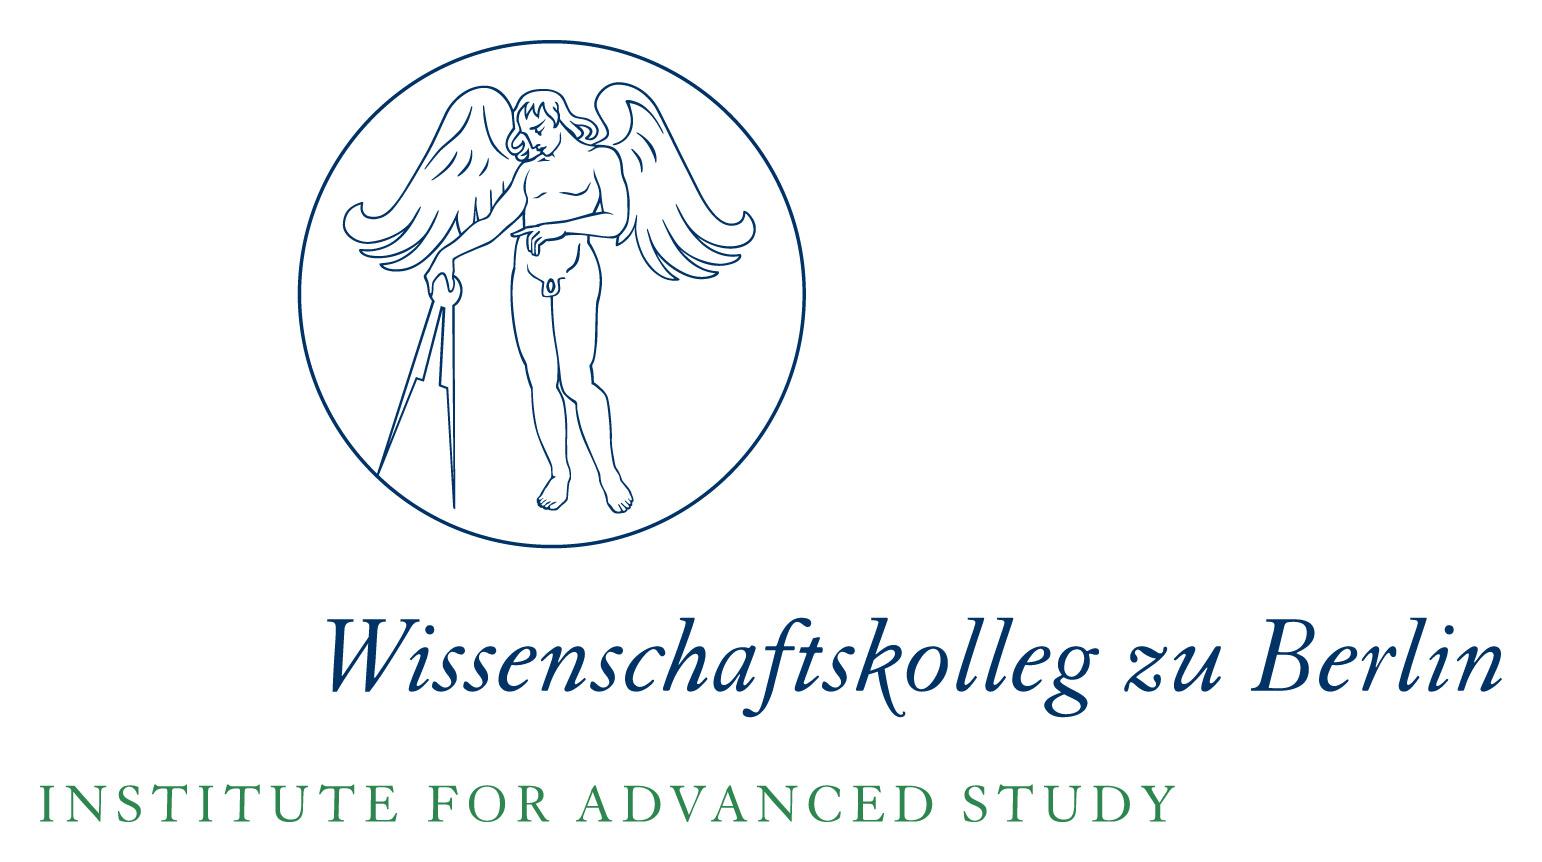 Wissenschaftskolleg zu Berlin